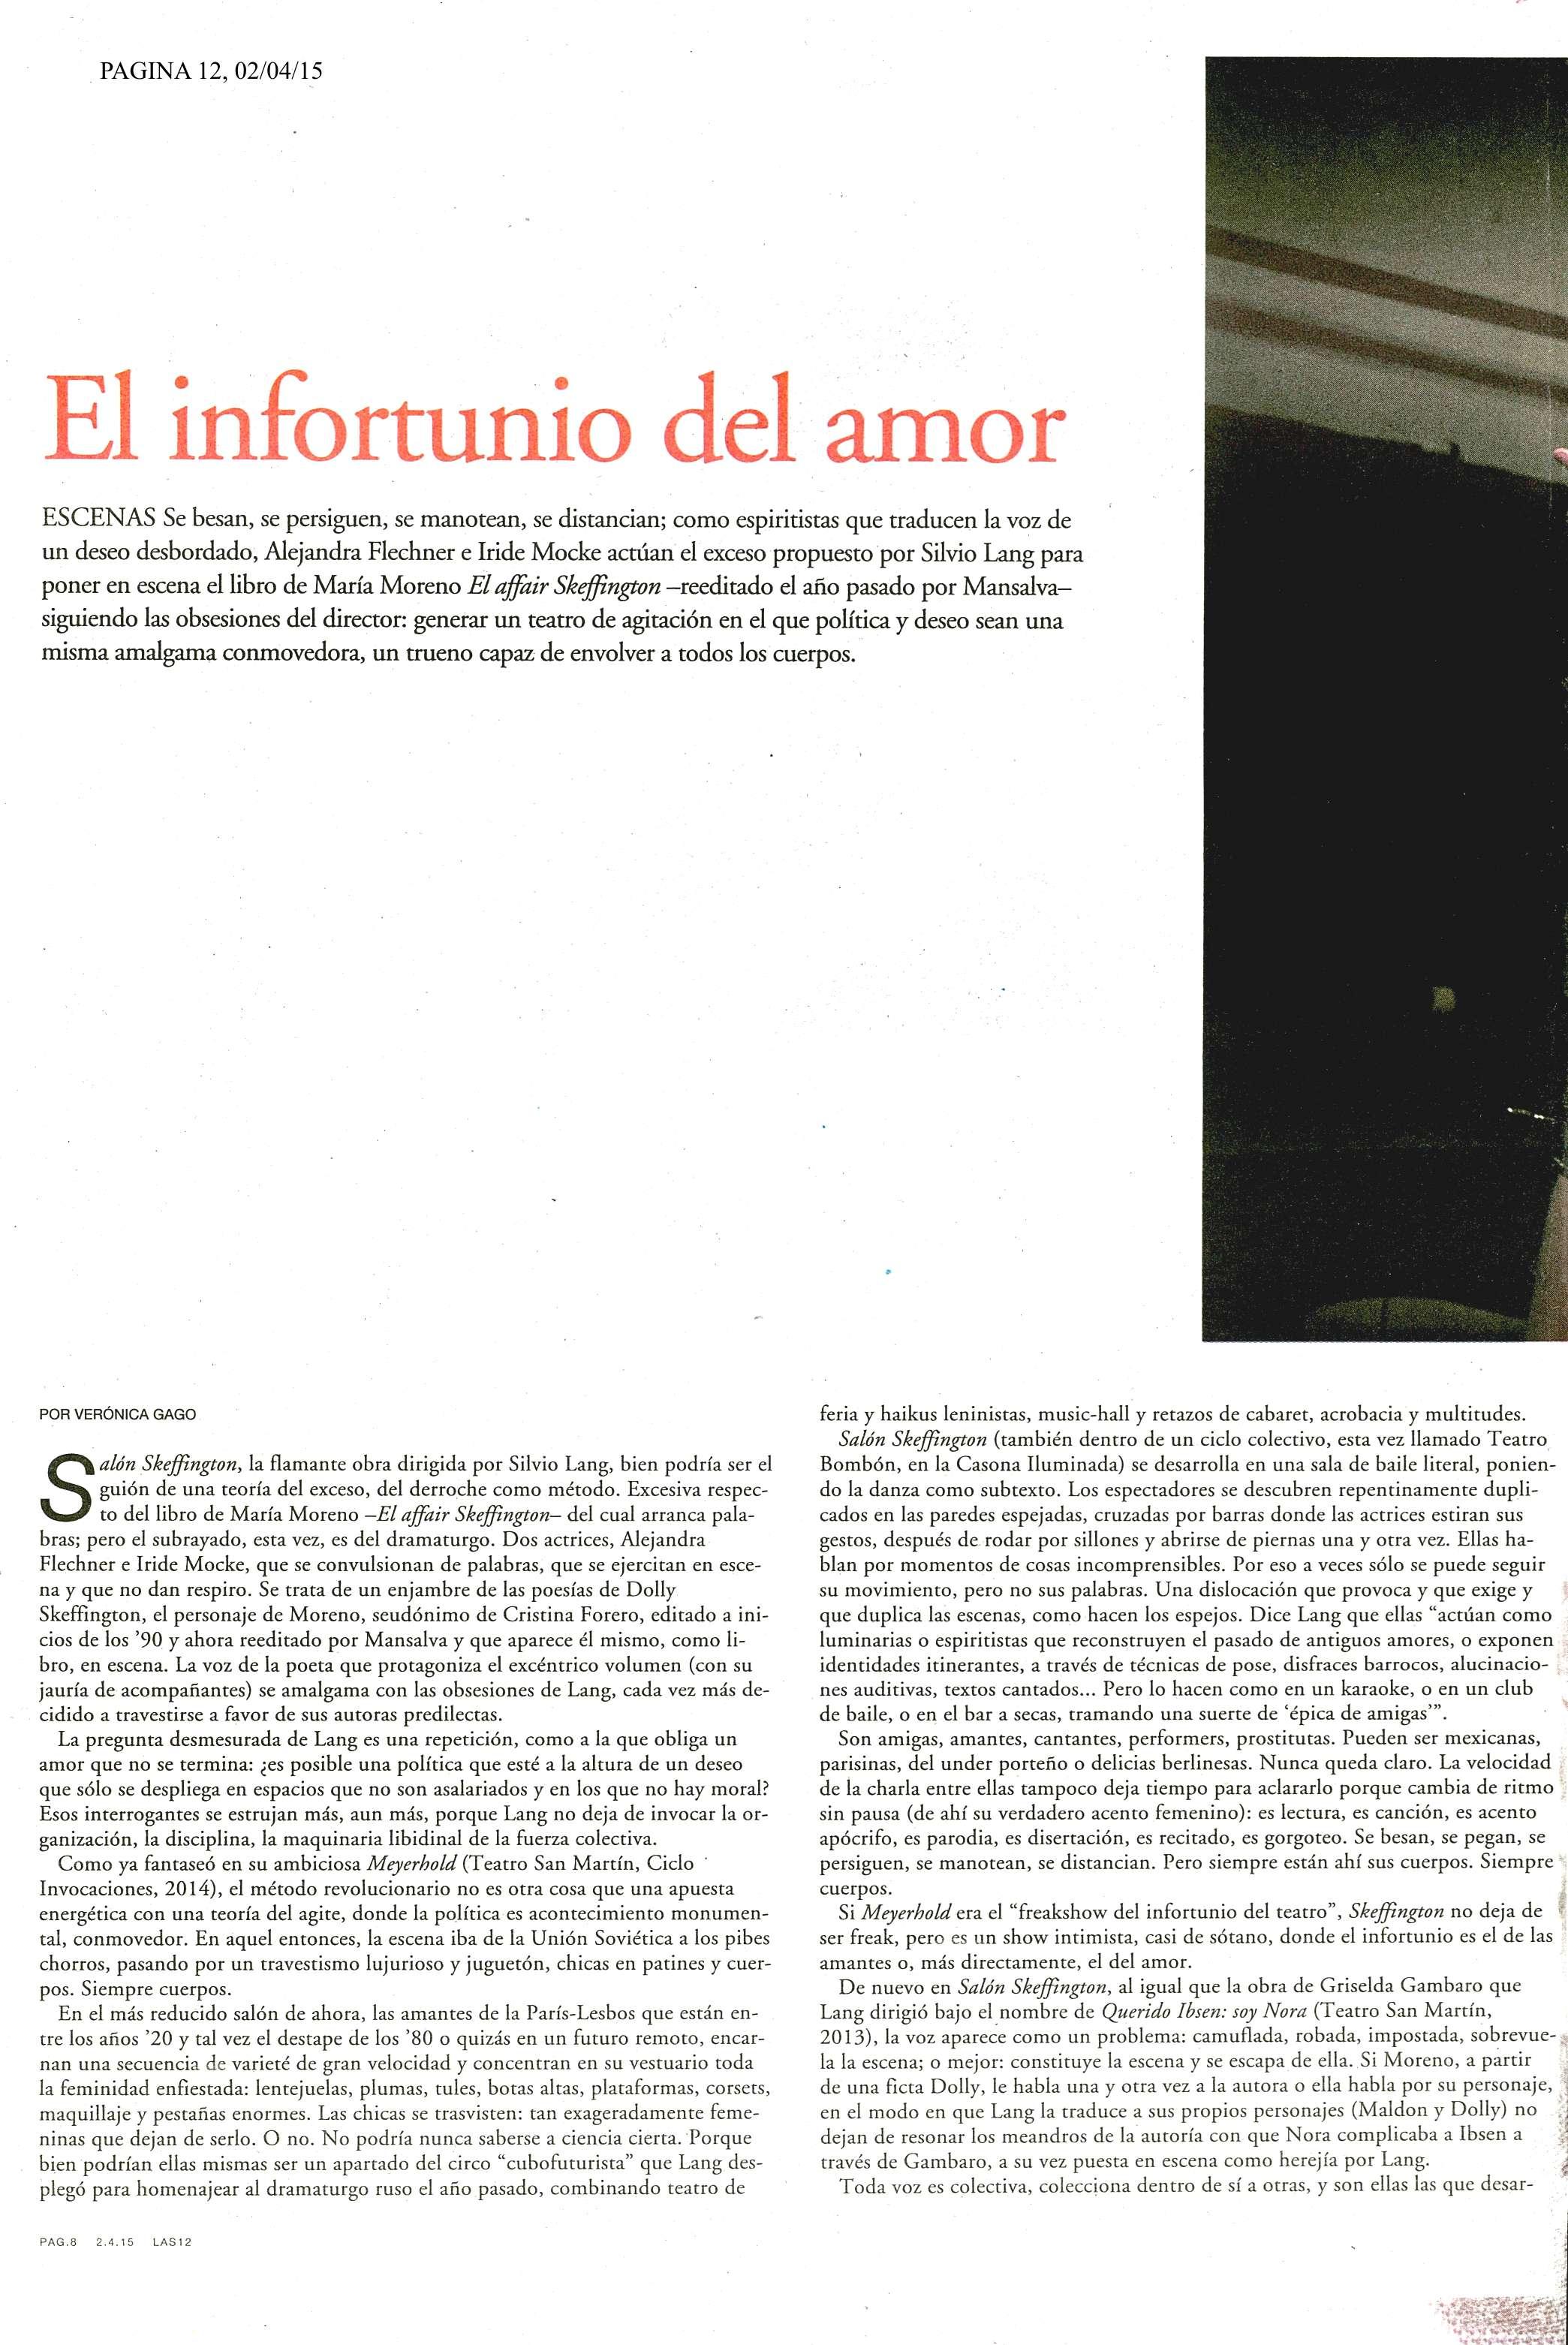 PAGINA 12, 2 DE ABR. 1